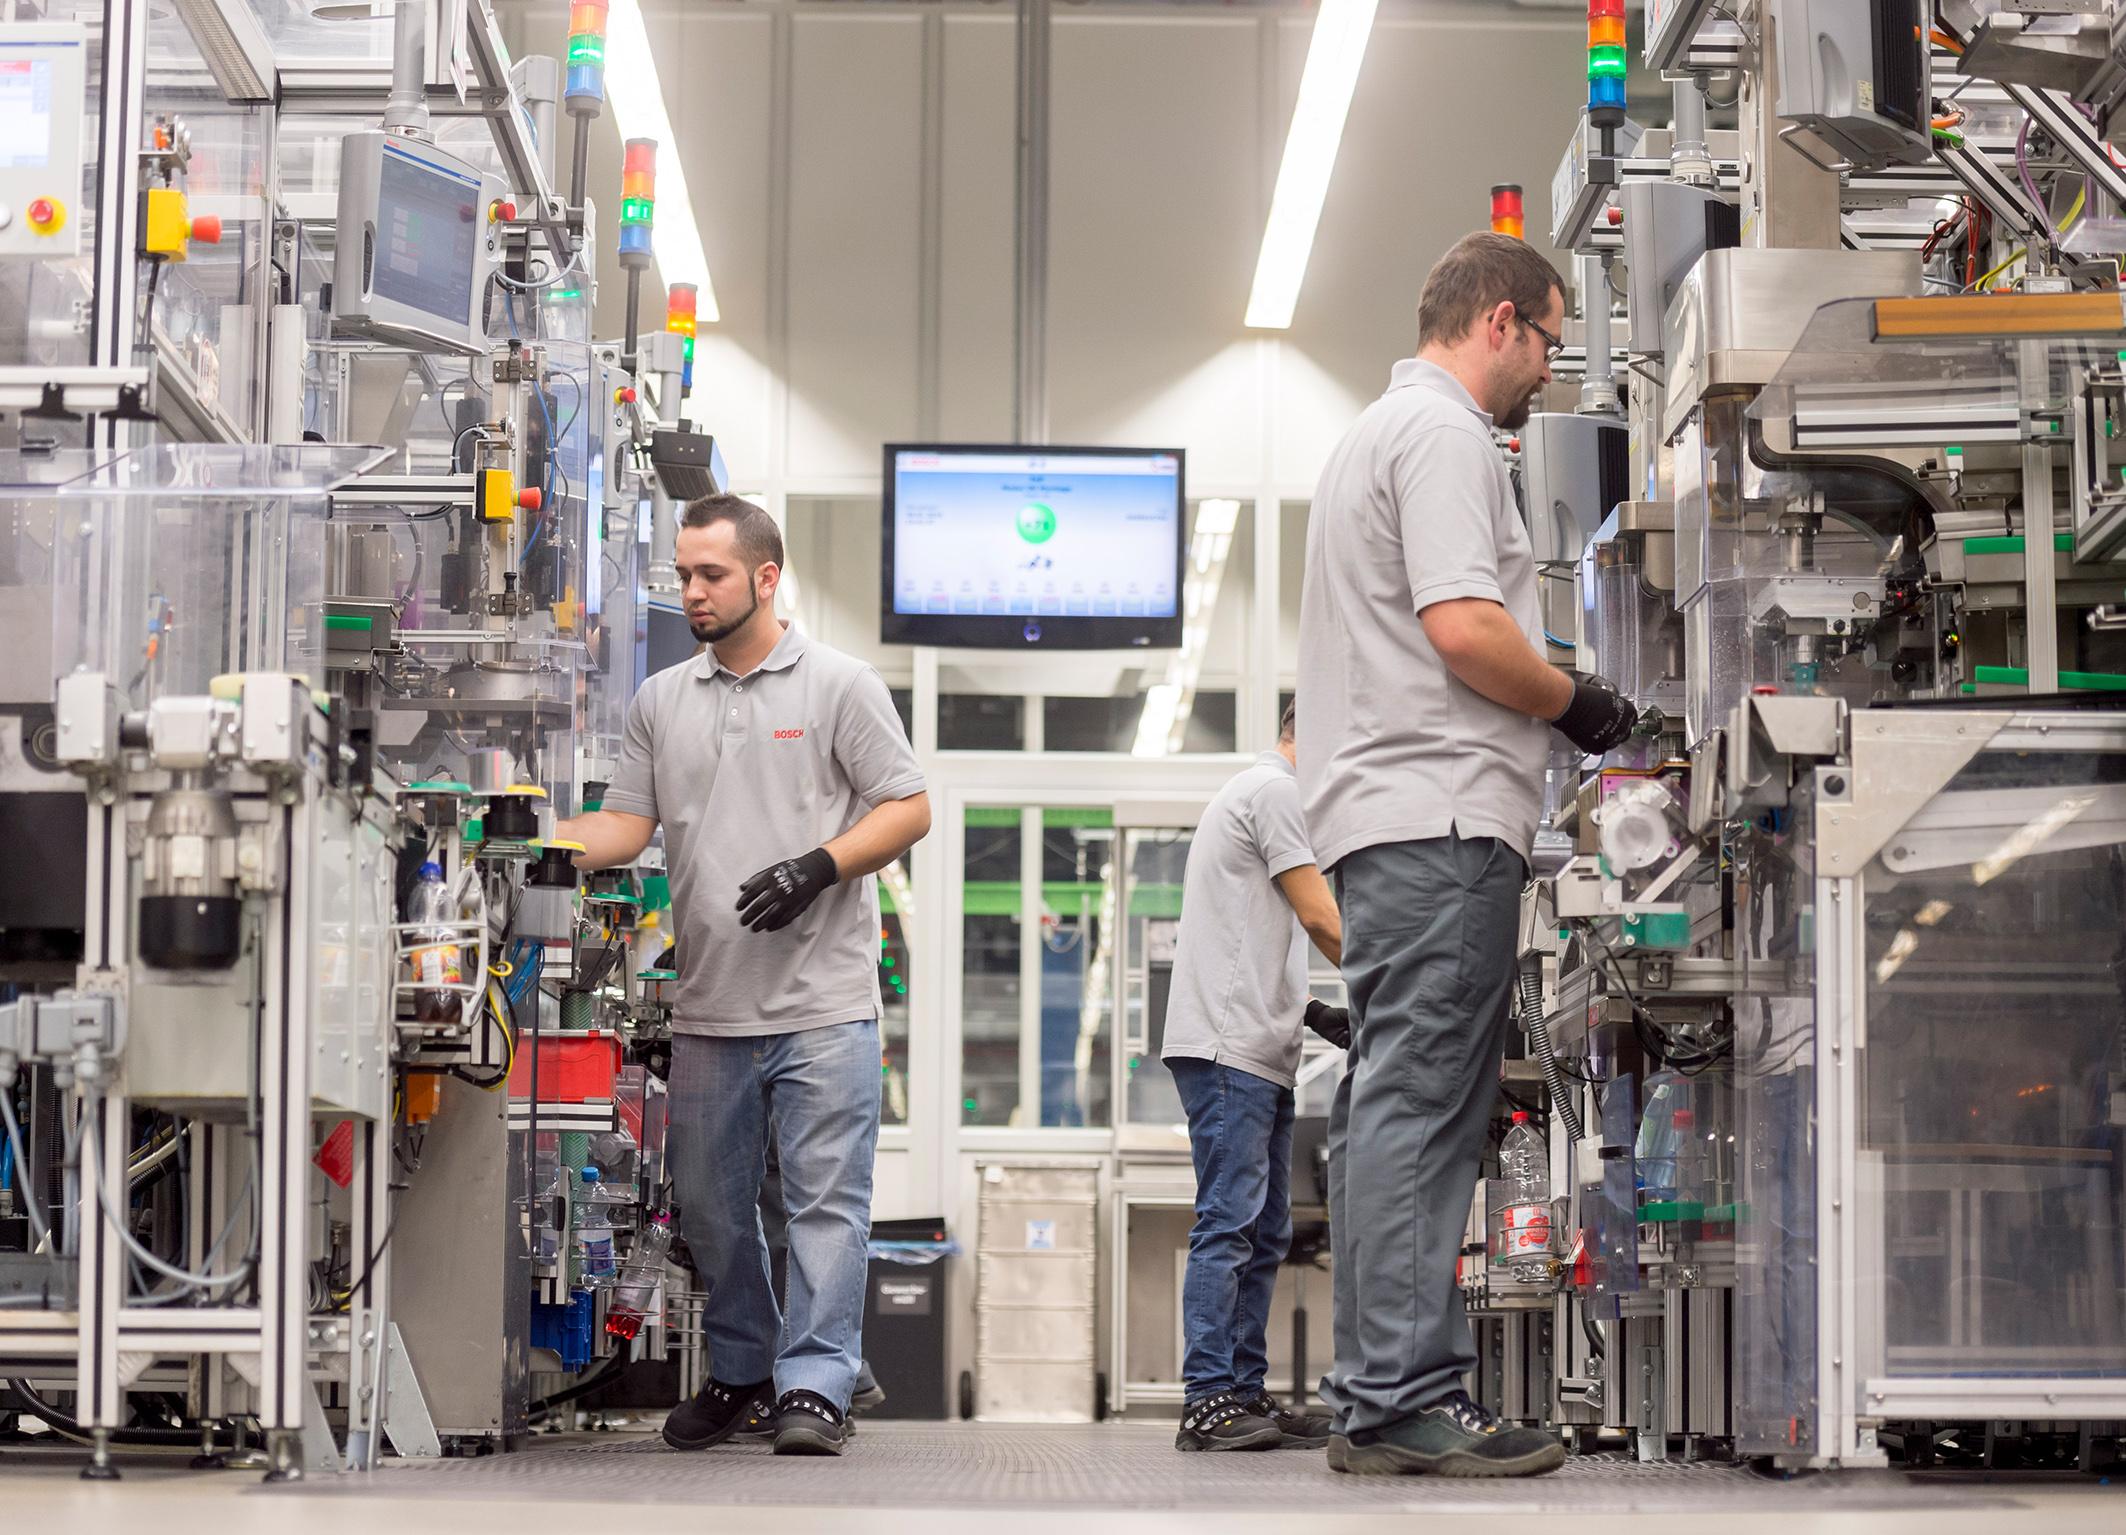 Industrie 4.0 bei Bosch – Die Fertigung ist vernetzt